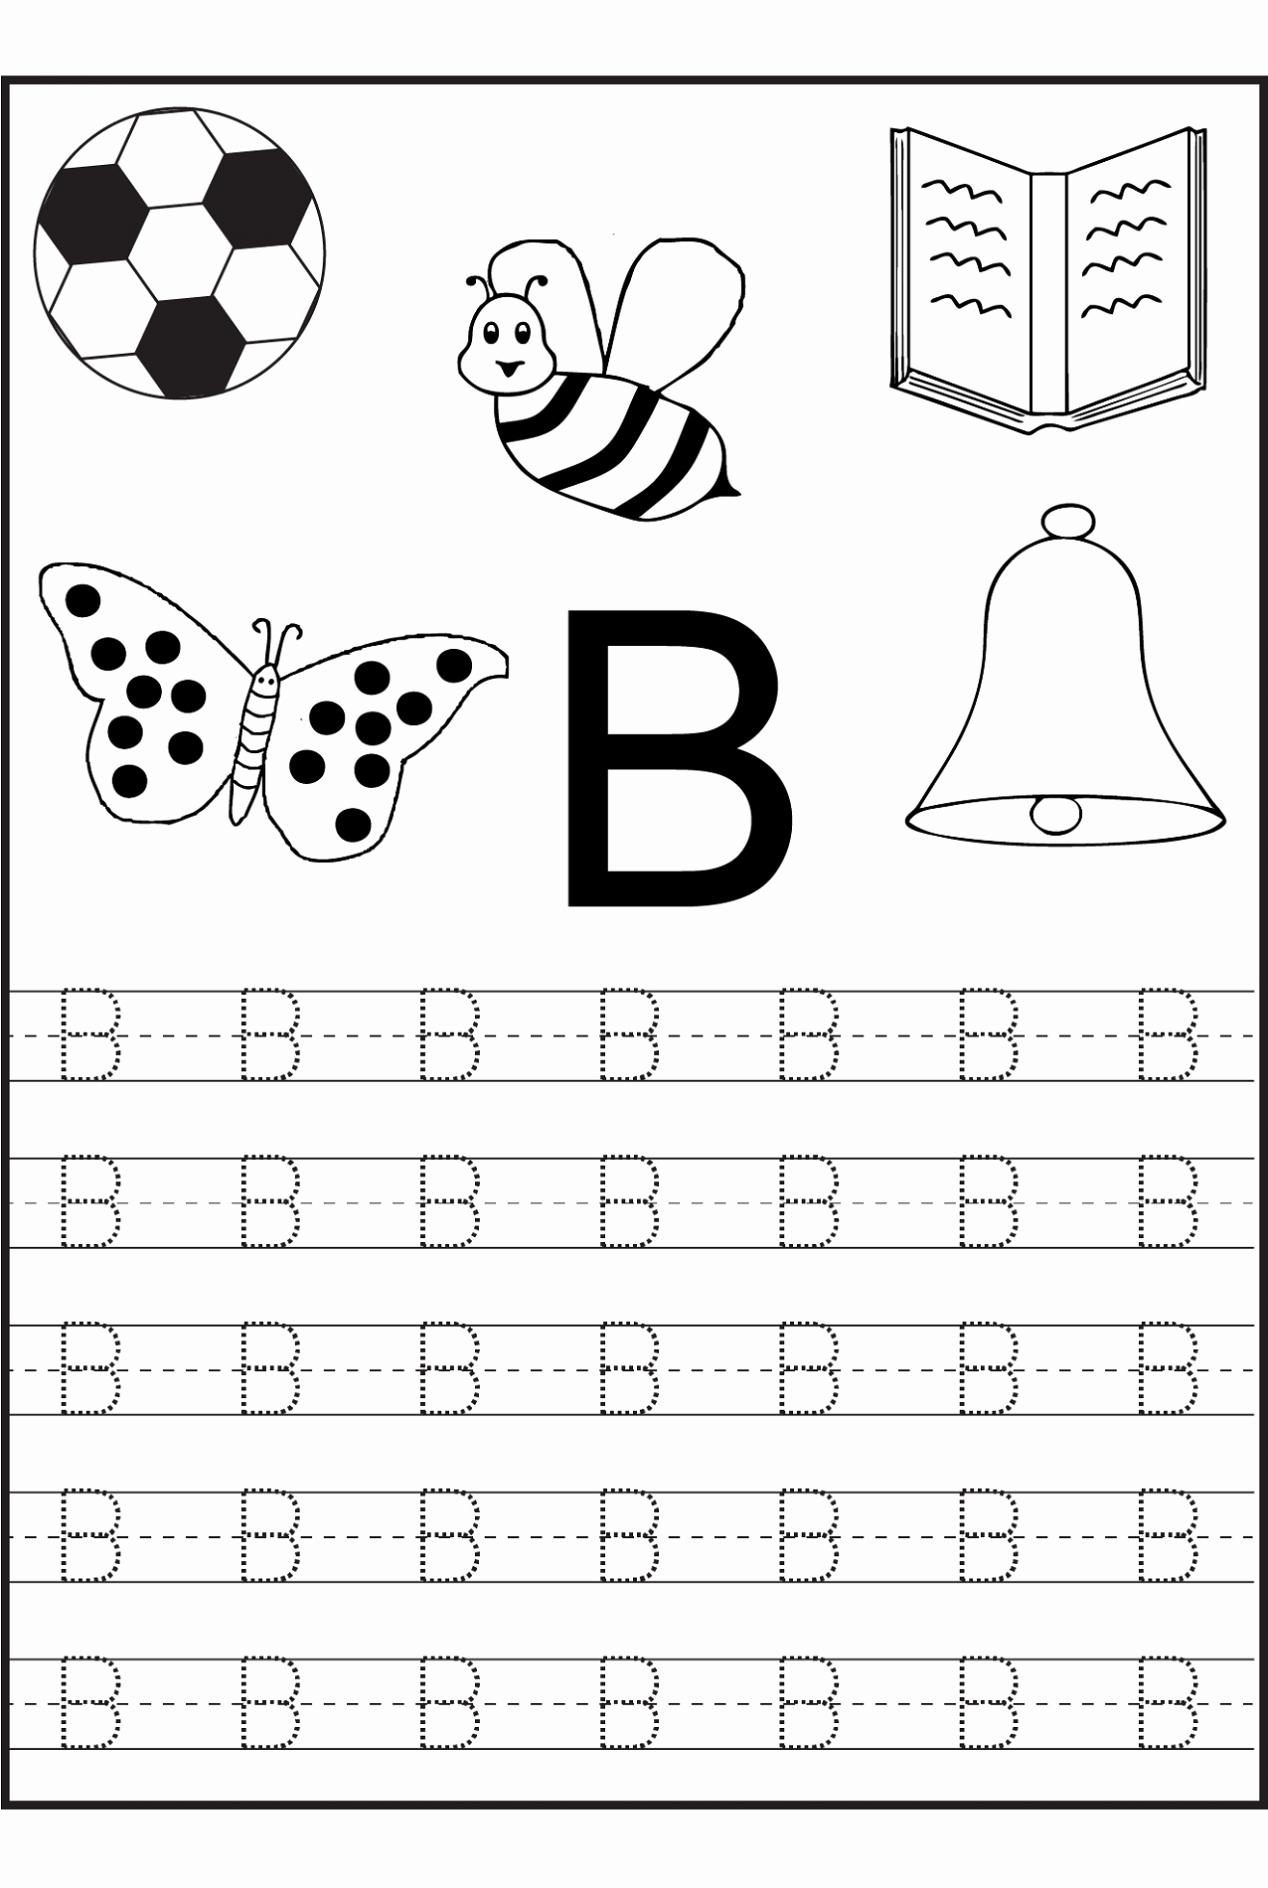 Letter A Printable Inspirational Free Printable Letter B Worksheets for Kindergarten